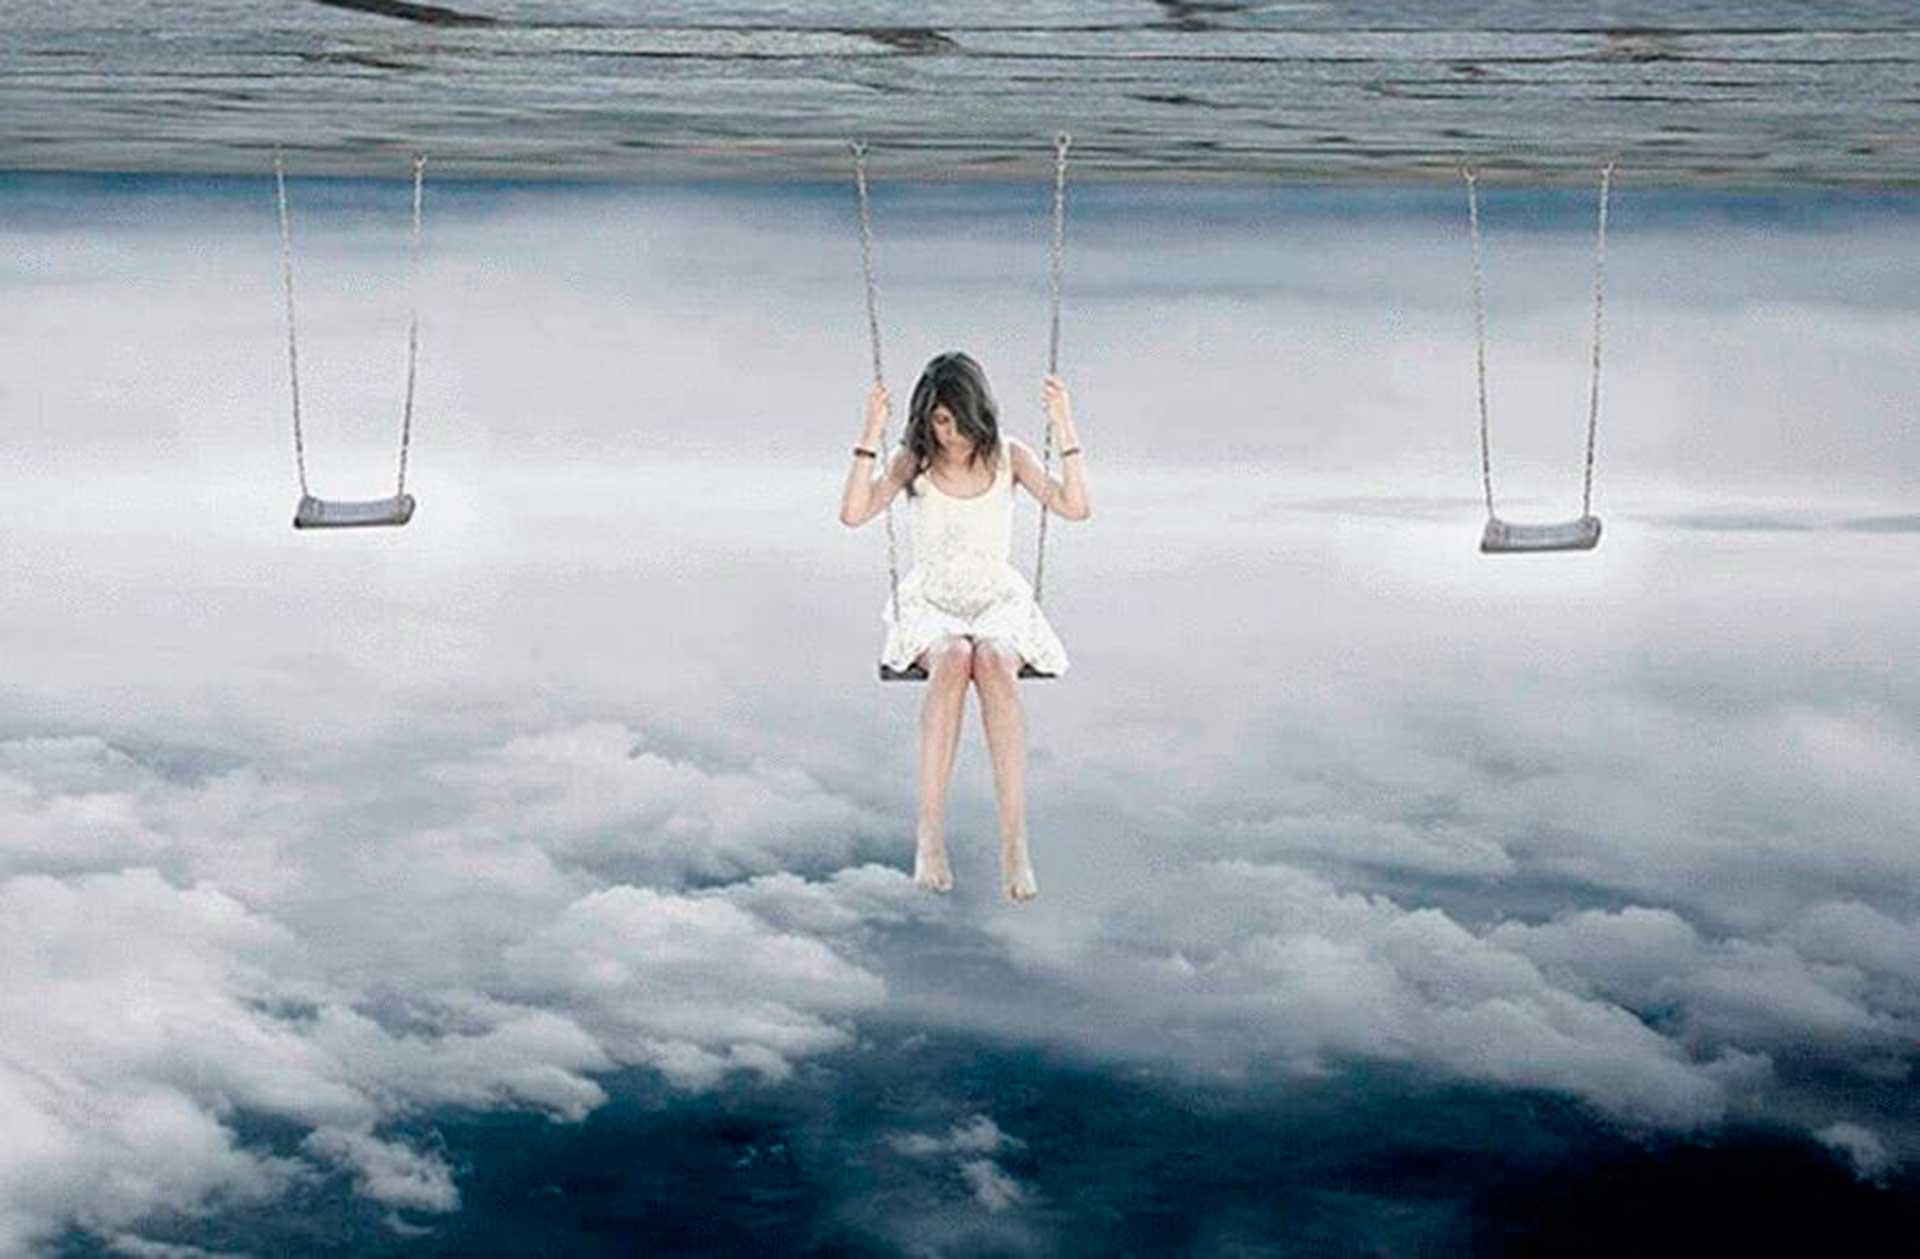 abraza-la-incertidumbre-el-salto-de-consciencia